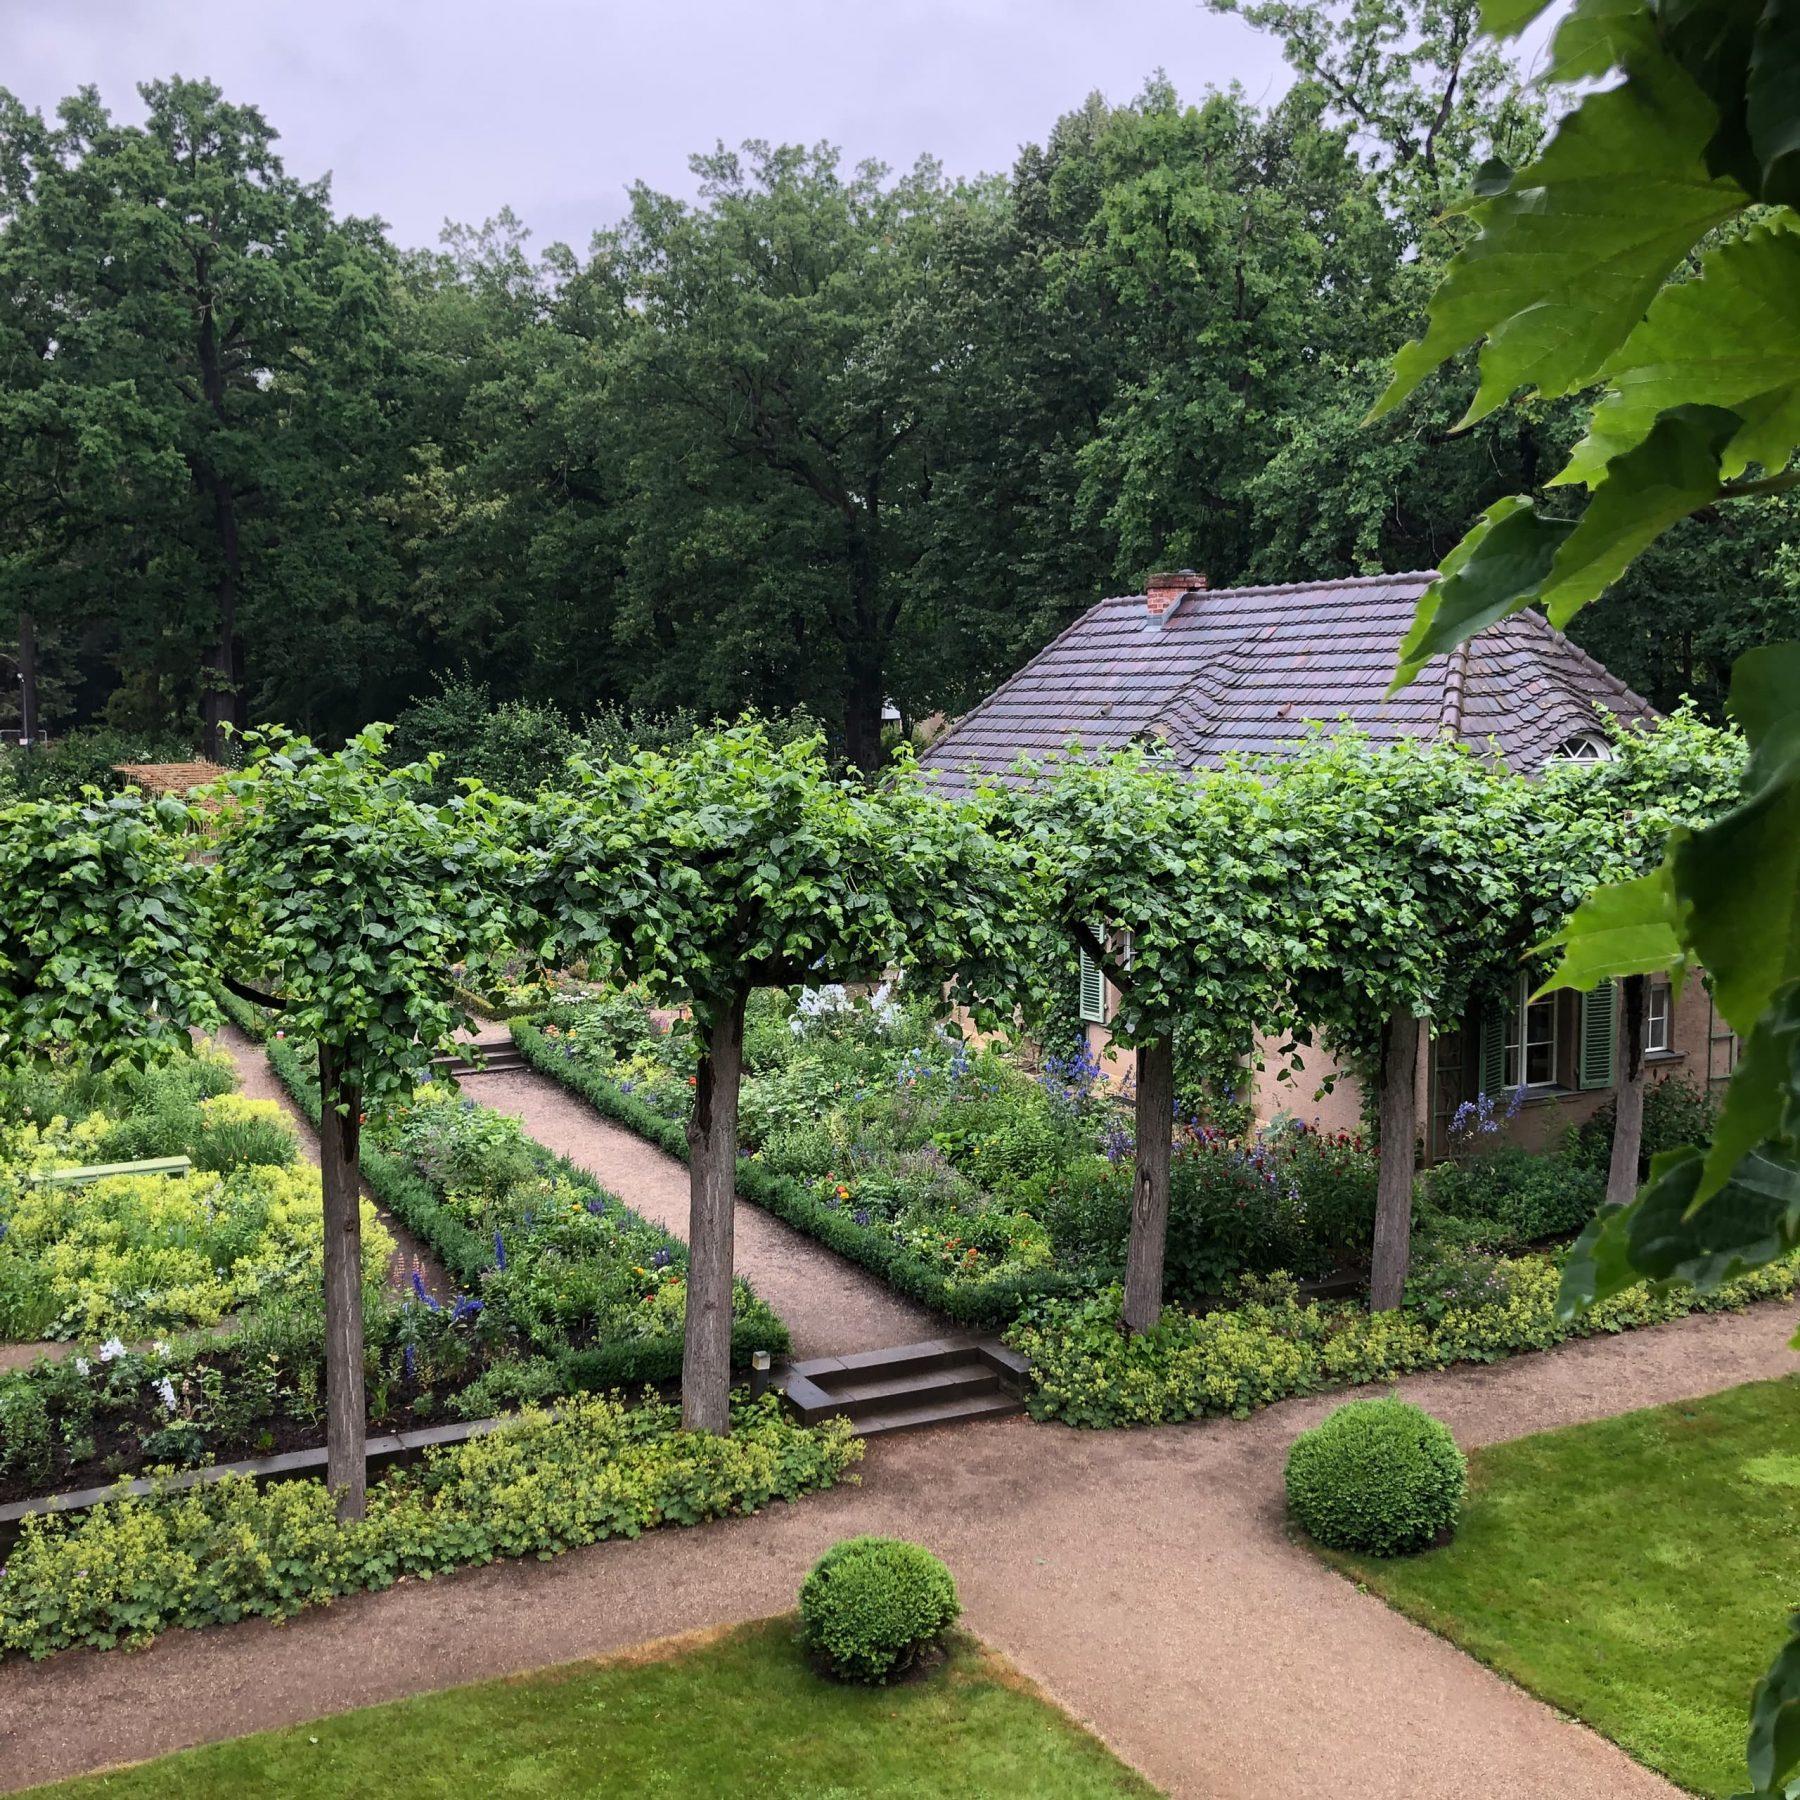 Erhöhte Perspektie auf den Nutzgarten der Liebermann-Villa mit Bäumen im Vordergrund